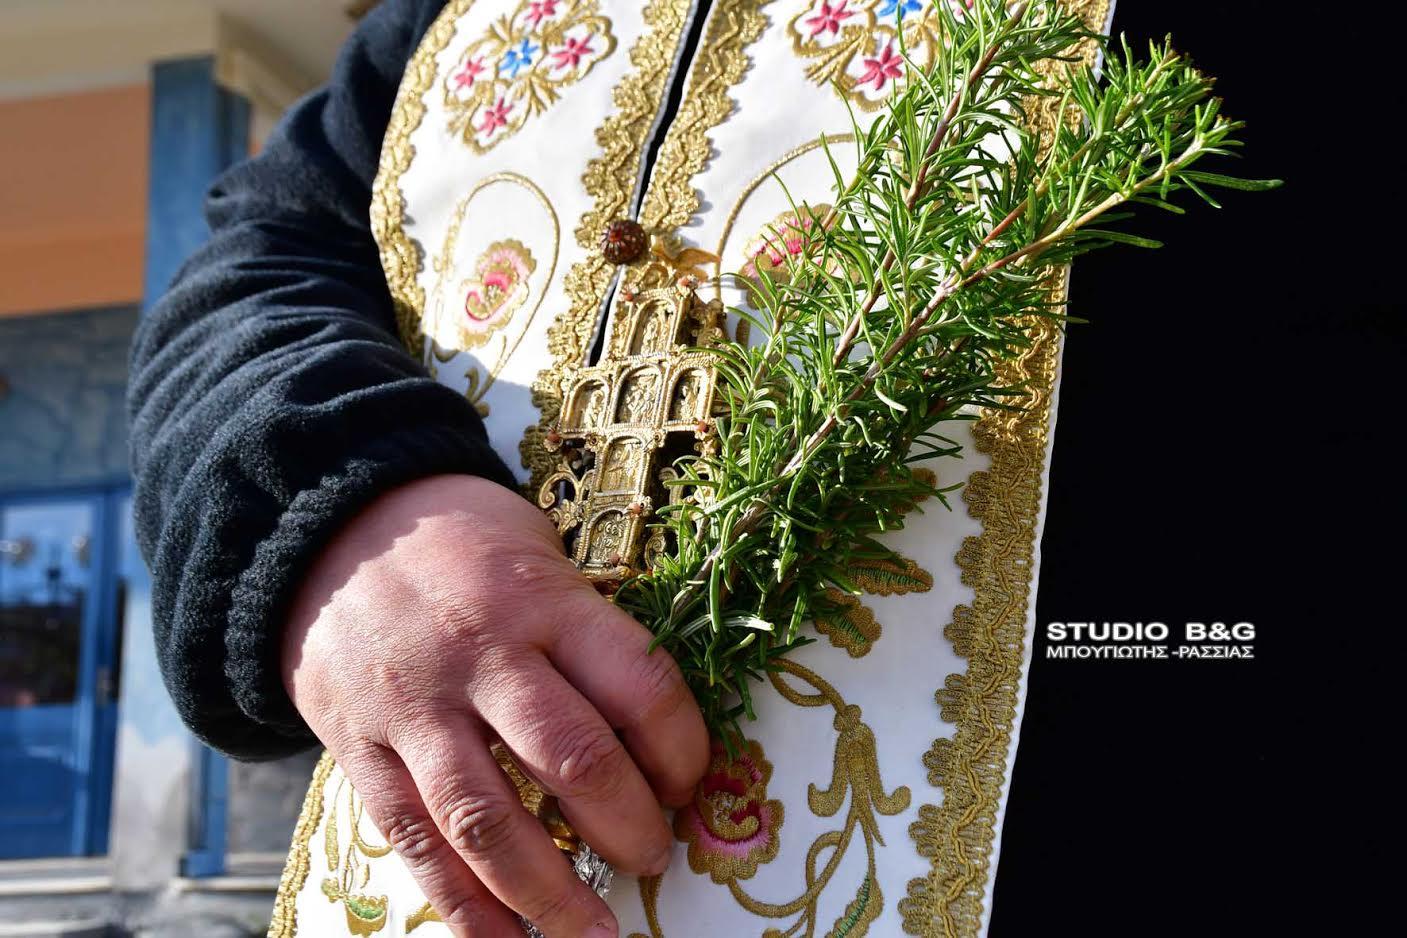 Ο π. Χρήστος Ιωαννίδης βγαίνει με τον Αγιασμό και αγιάζει τα σπίτια